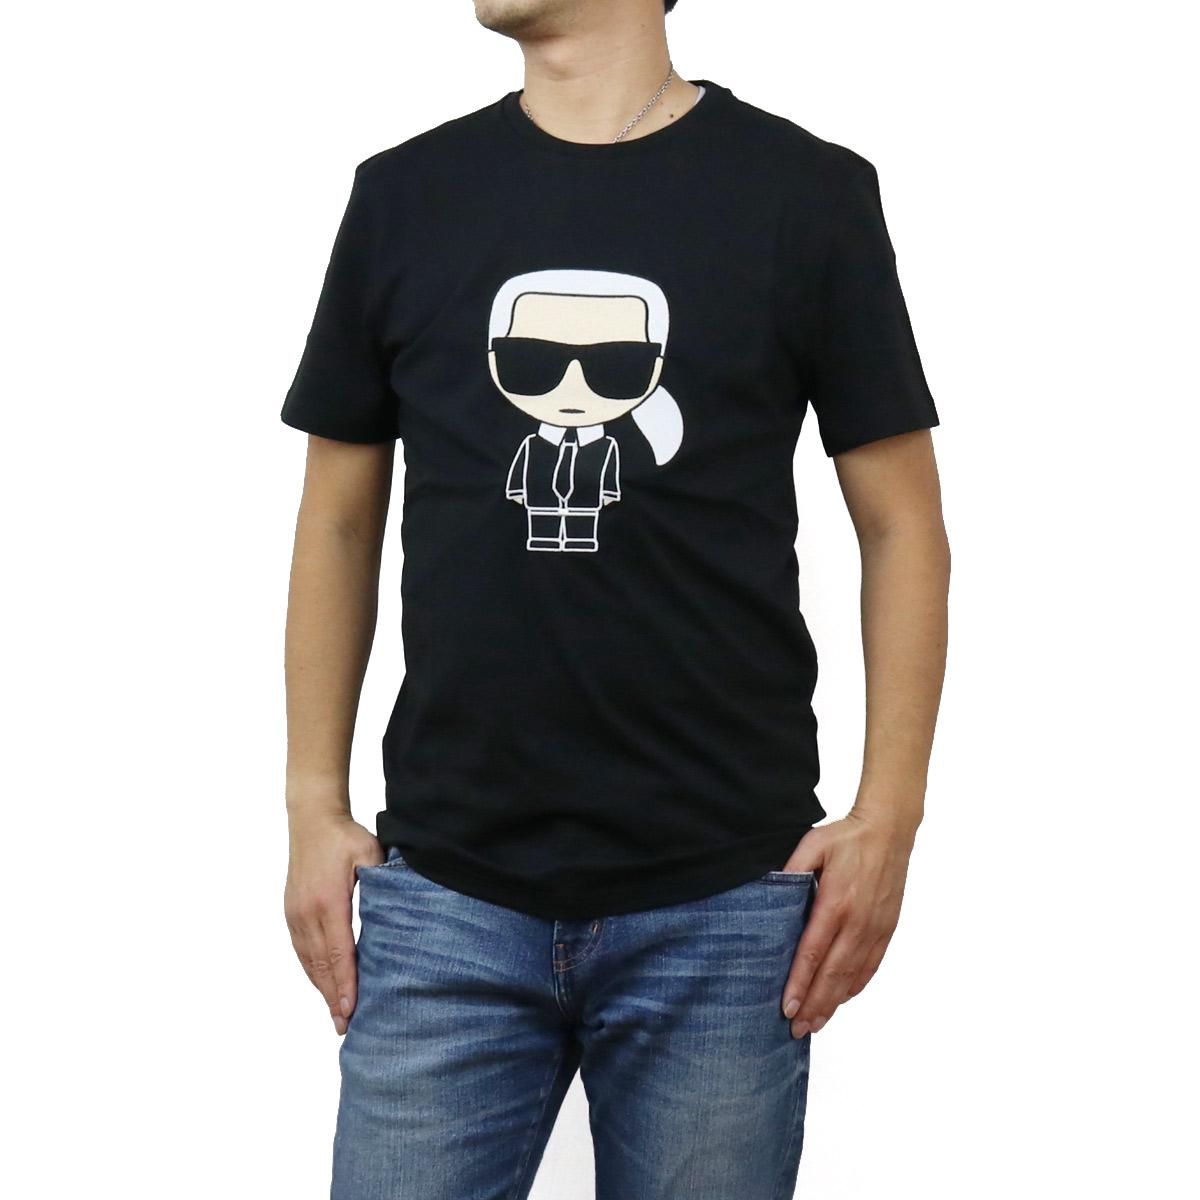 カール・ラガーフェルド Karl Lagerfeld メンズ-Tシャツ IKONIK 755060 502250 990 BLACK ブラック メンズ bos-12 apparel-01